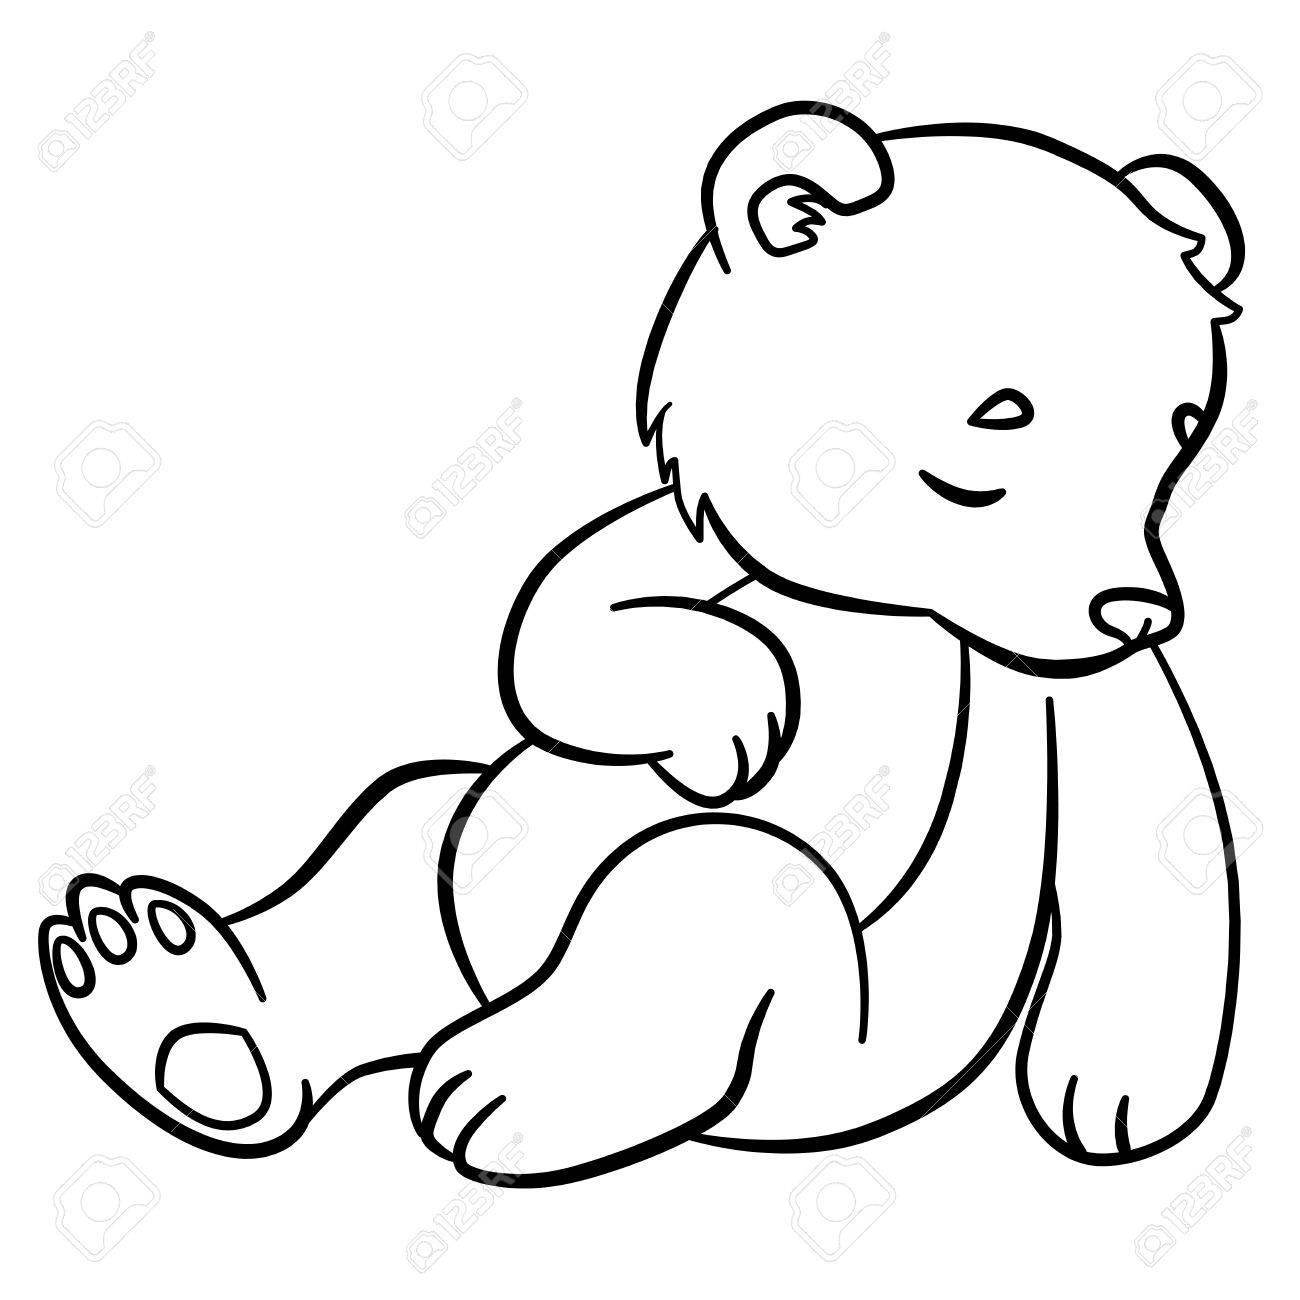 Groß Süße Teddybären Malvorlagen Zeitgenössisch - Beispiel ...